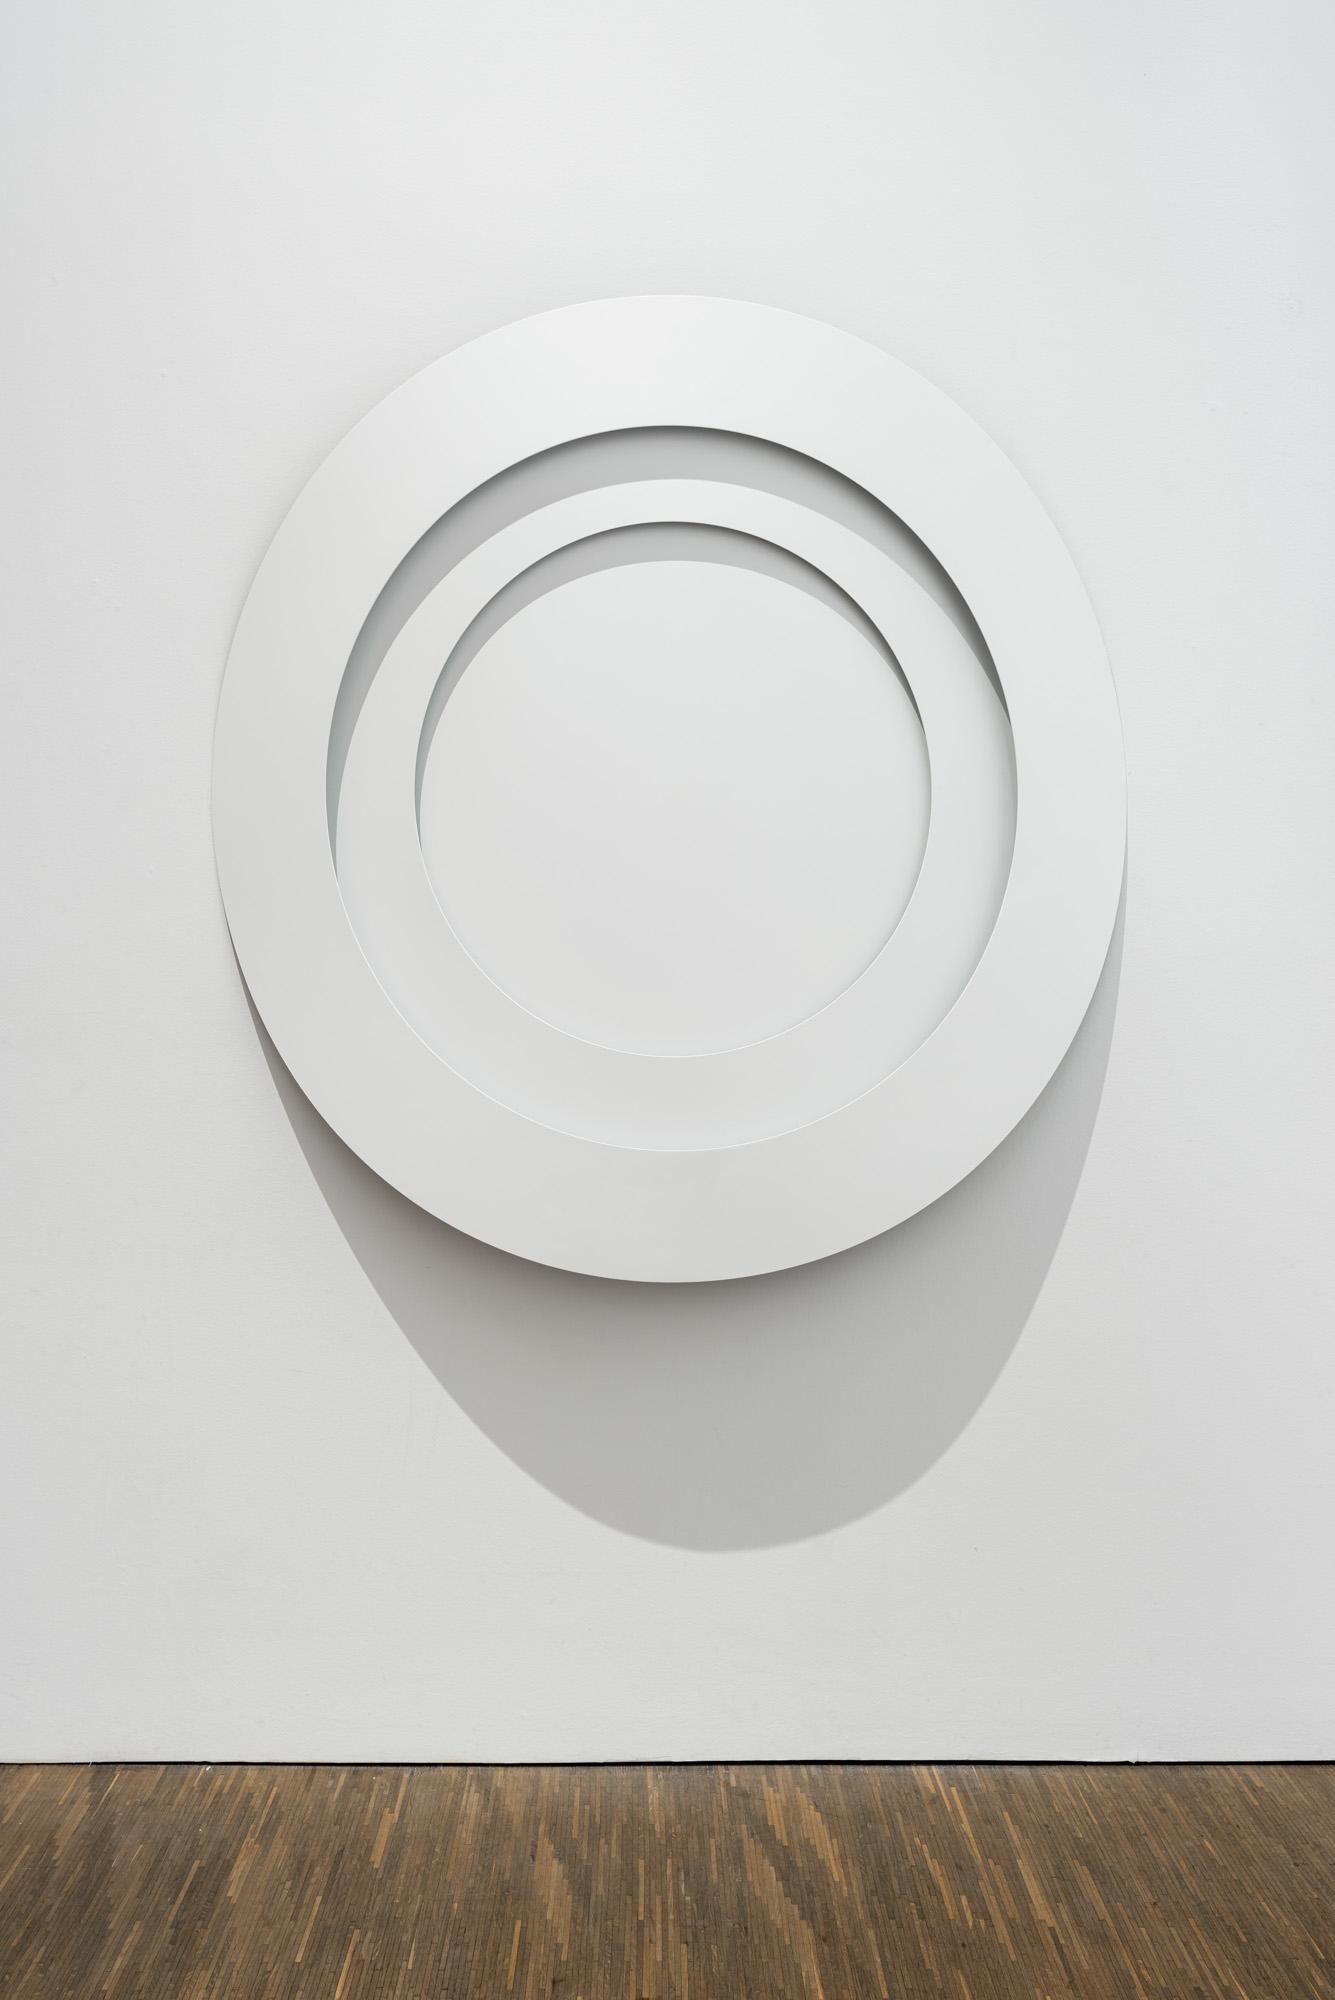 Spherical Compression rashid al khalifa artwork